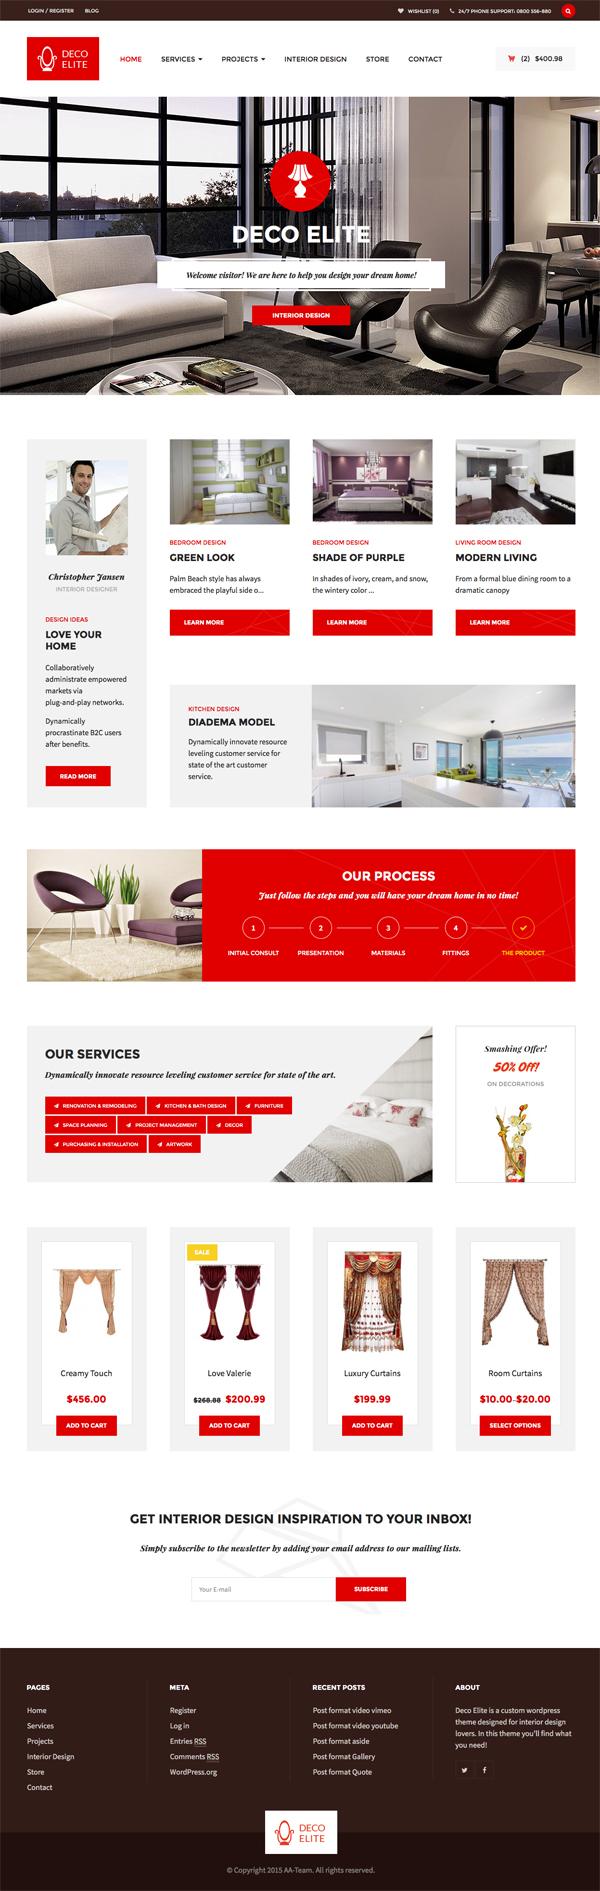 Deco Elite - Interior Design eCommerce WordPress Theme